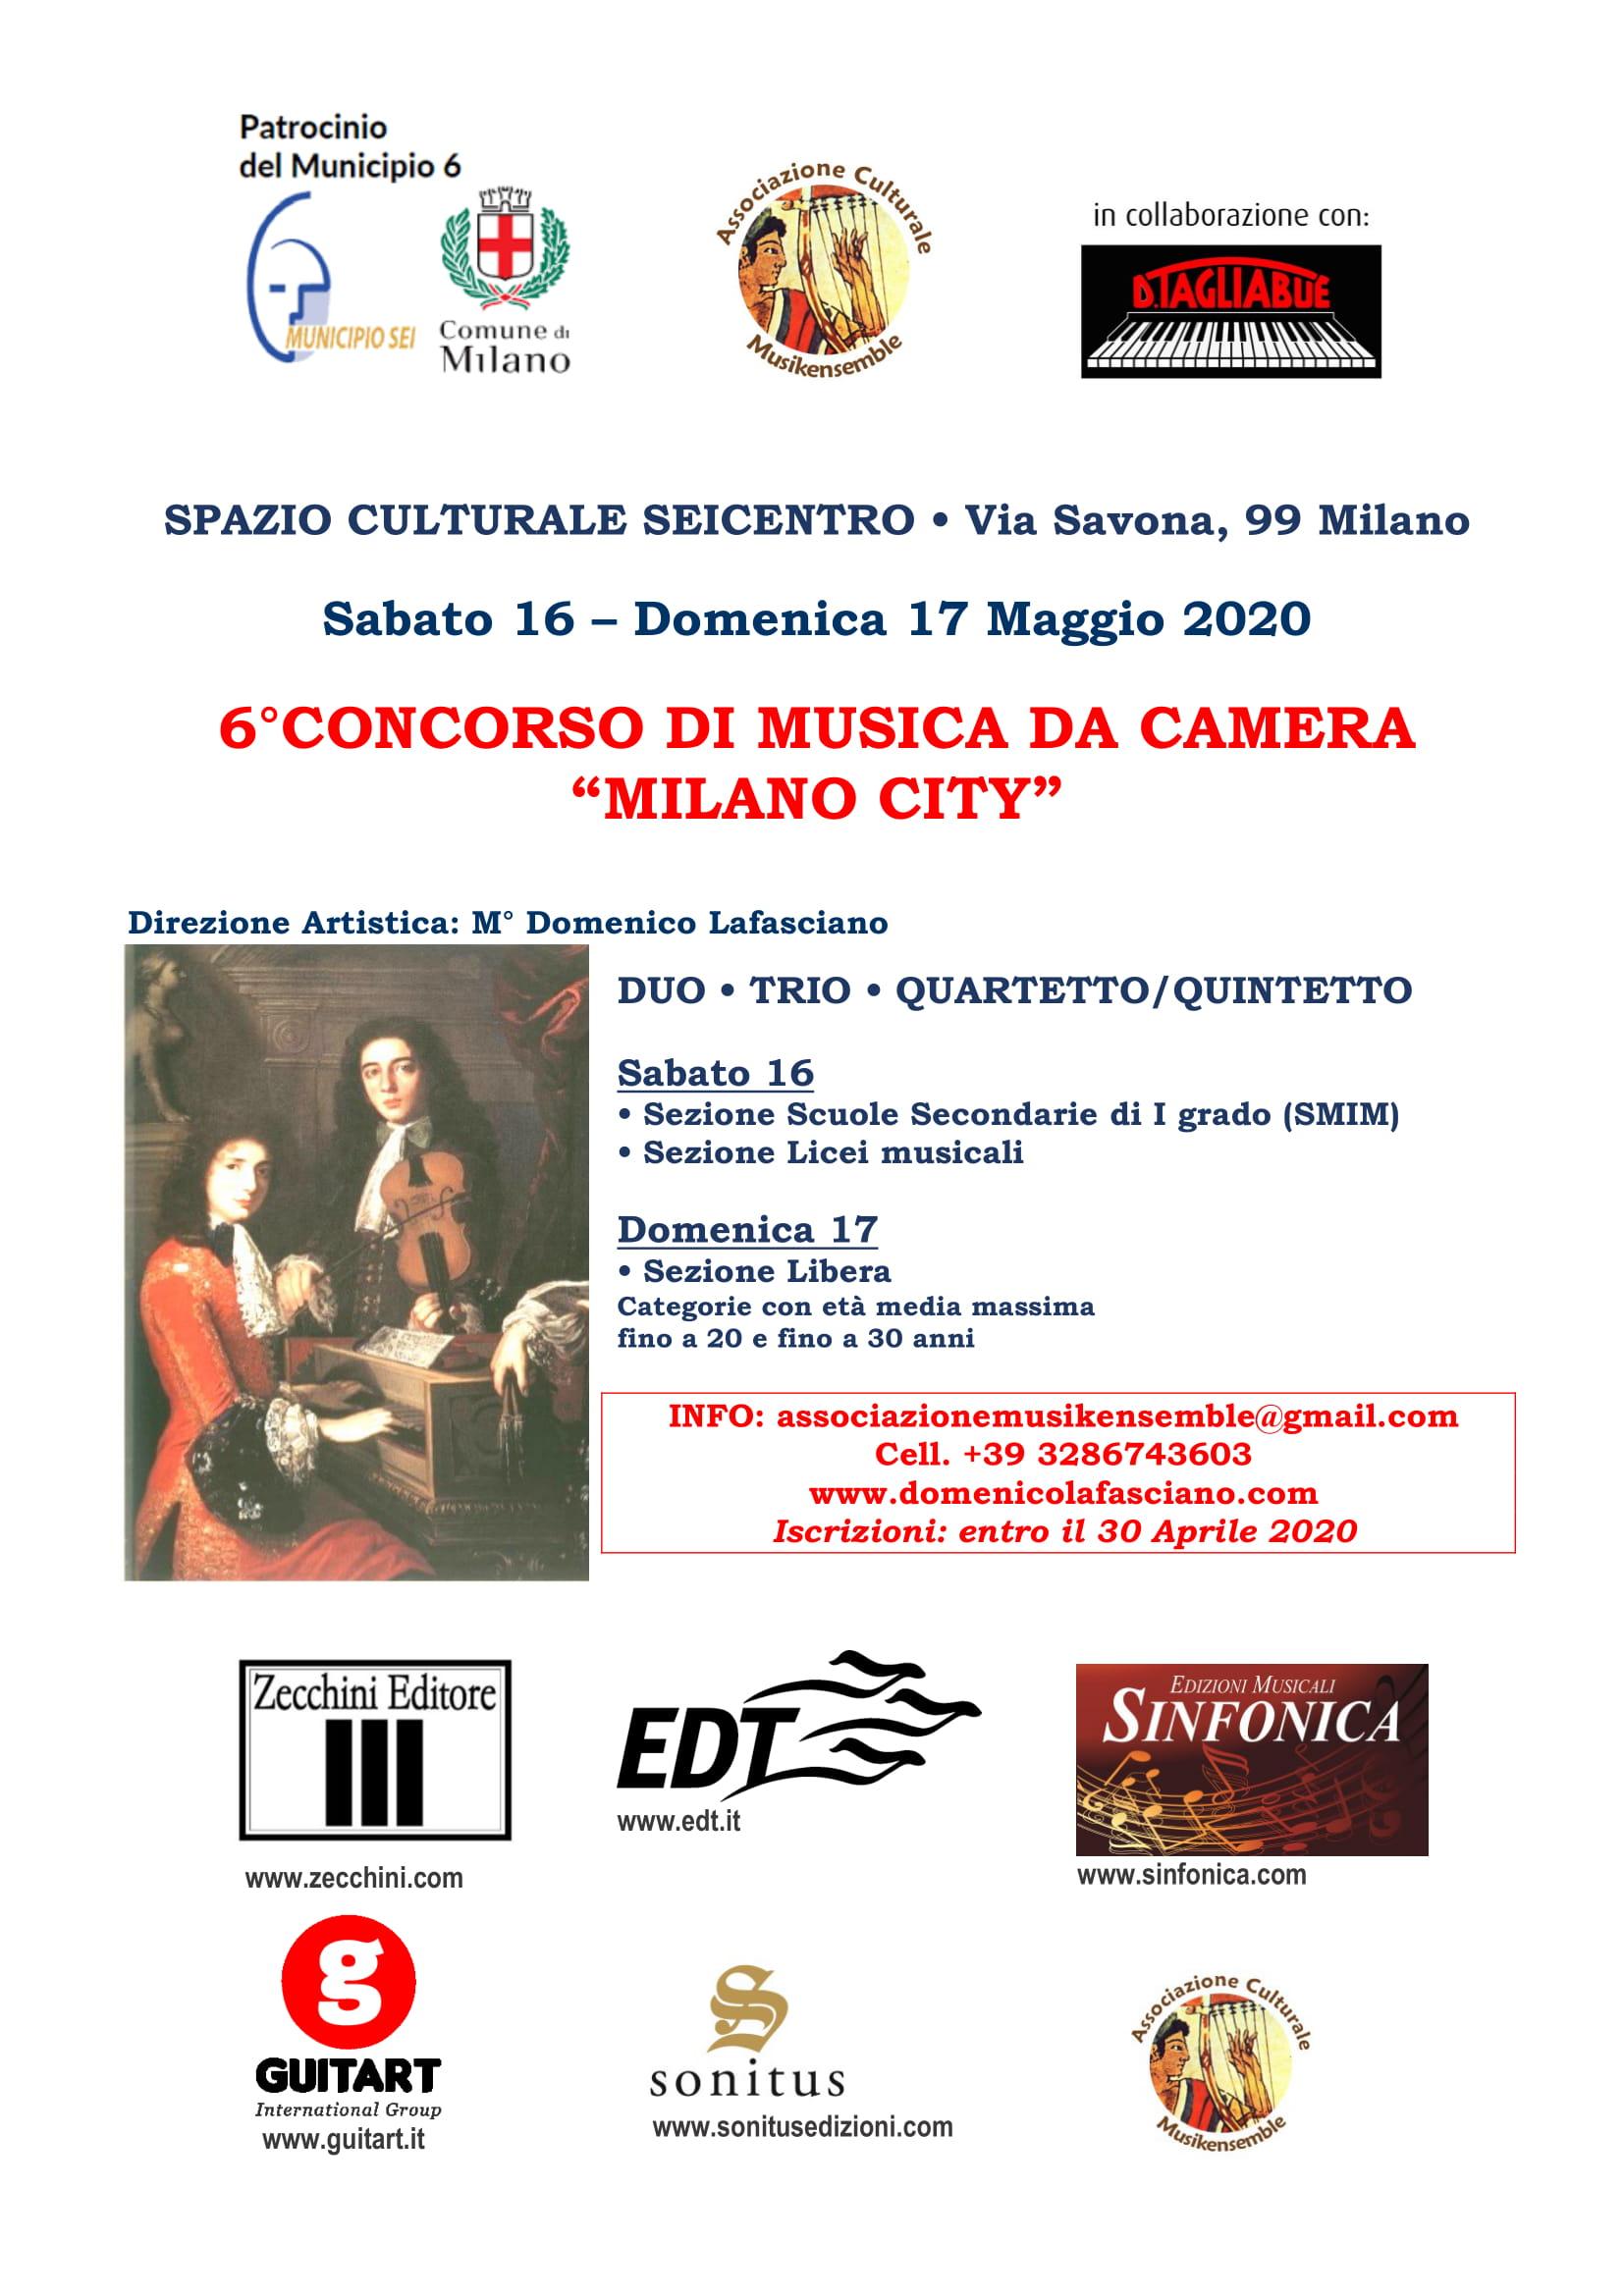 concorso di musica da camera per i giovani a milano